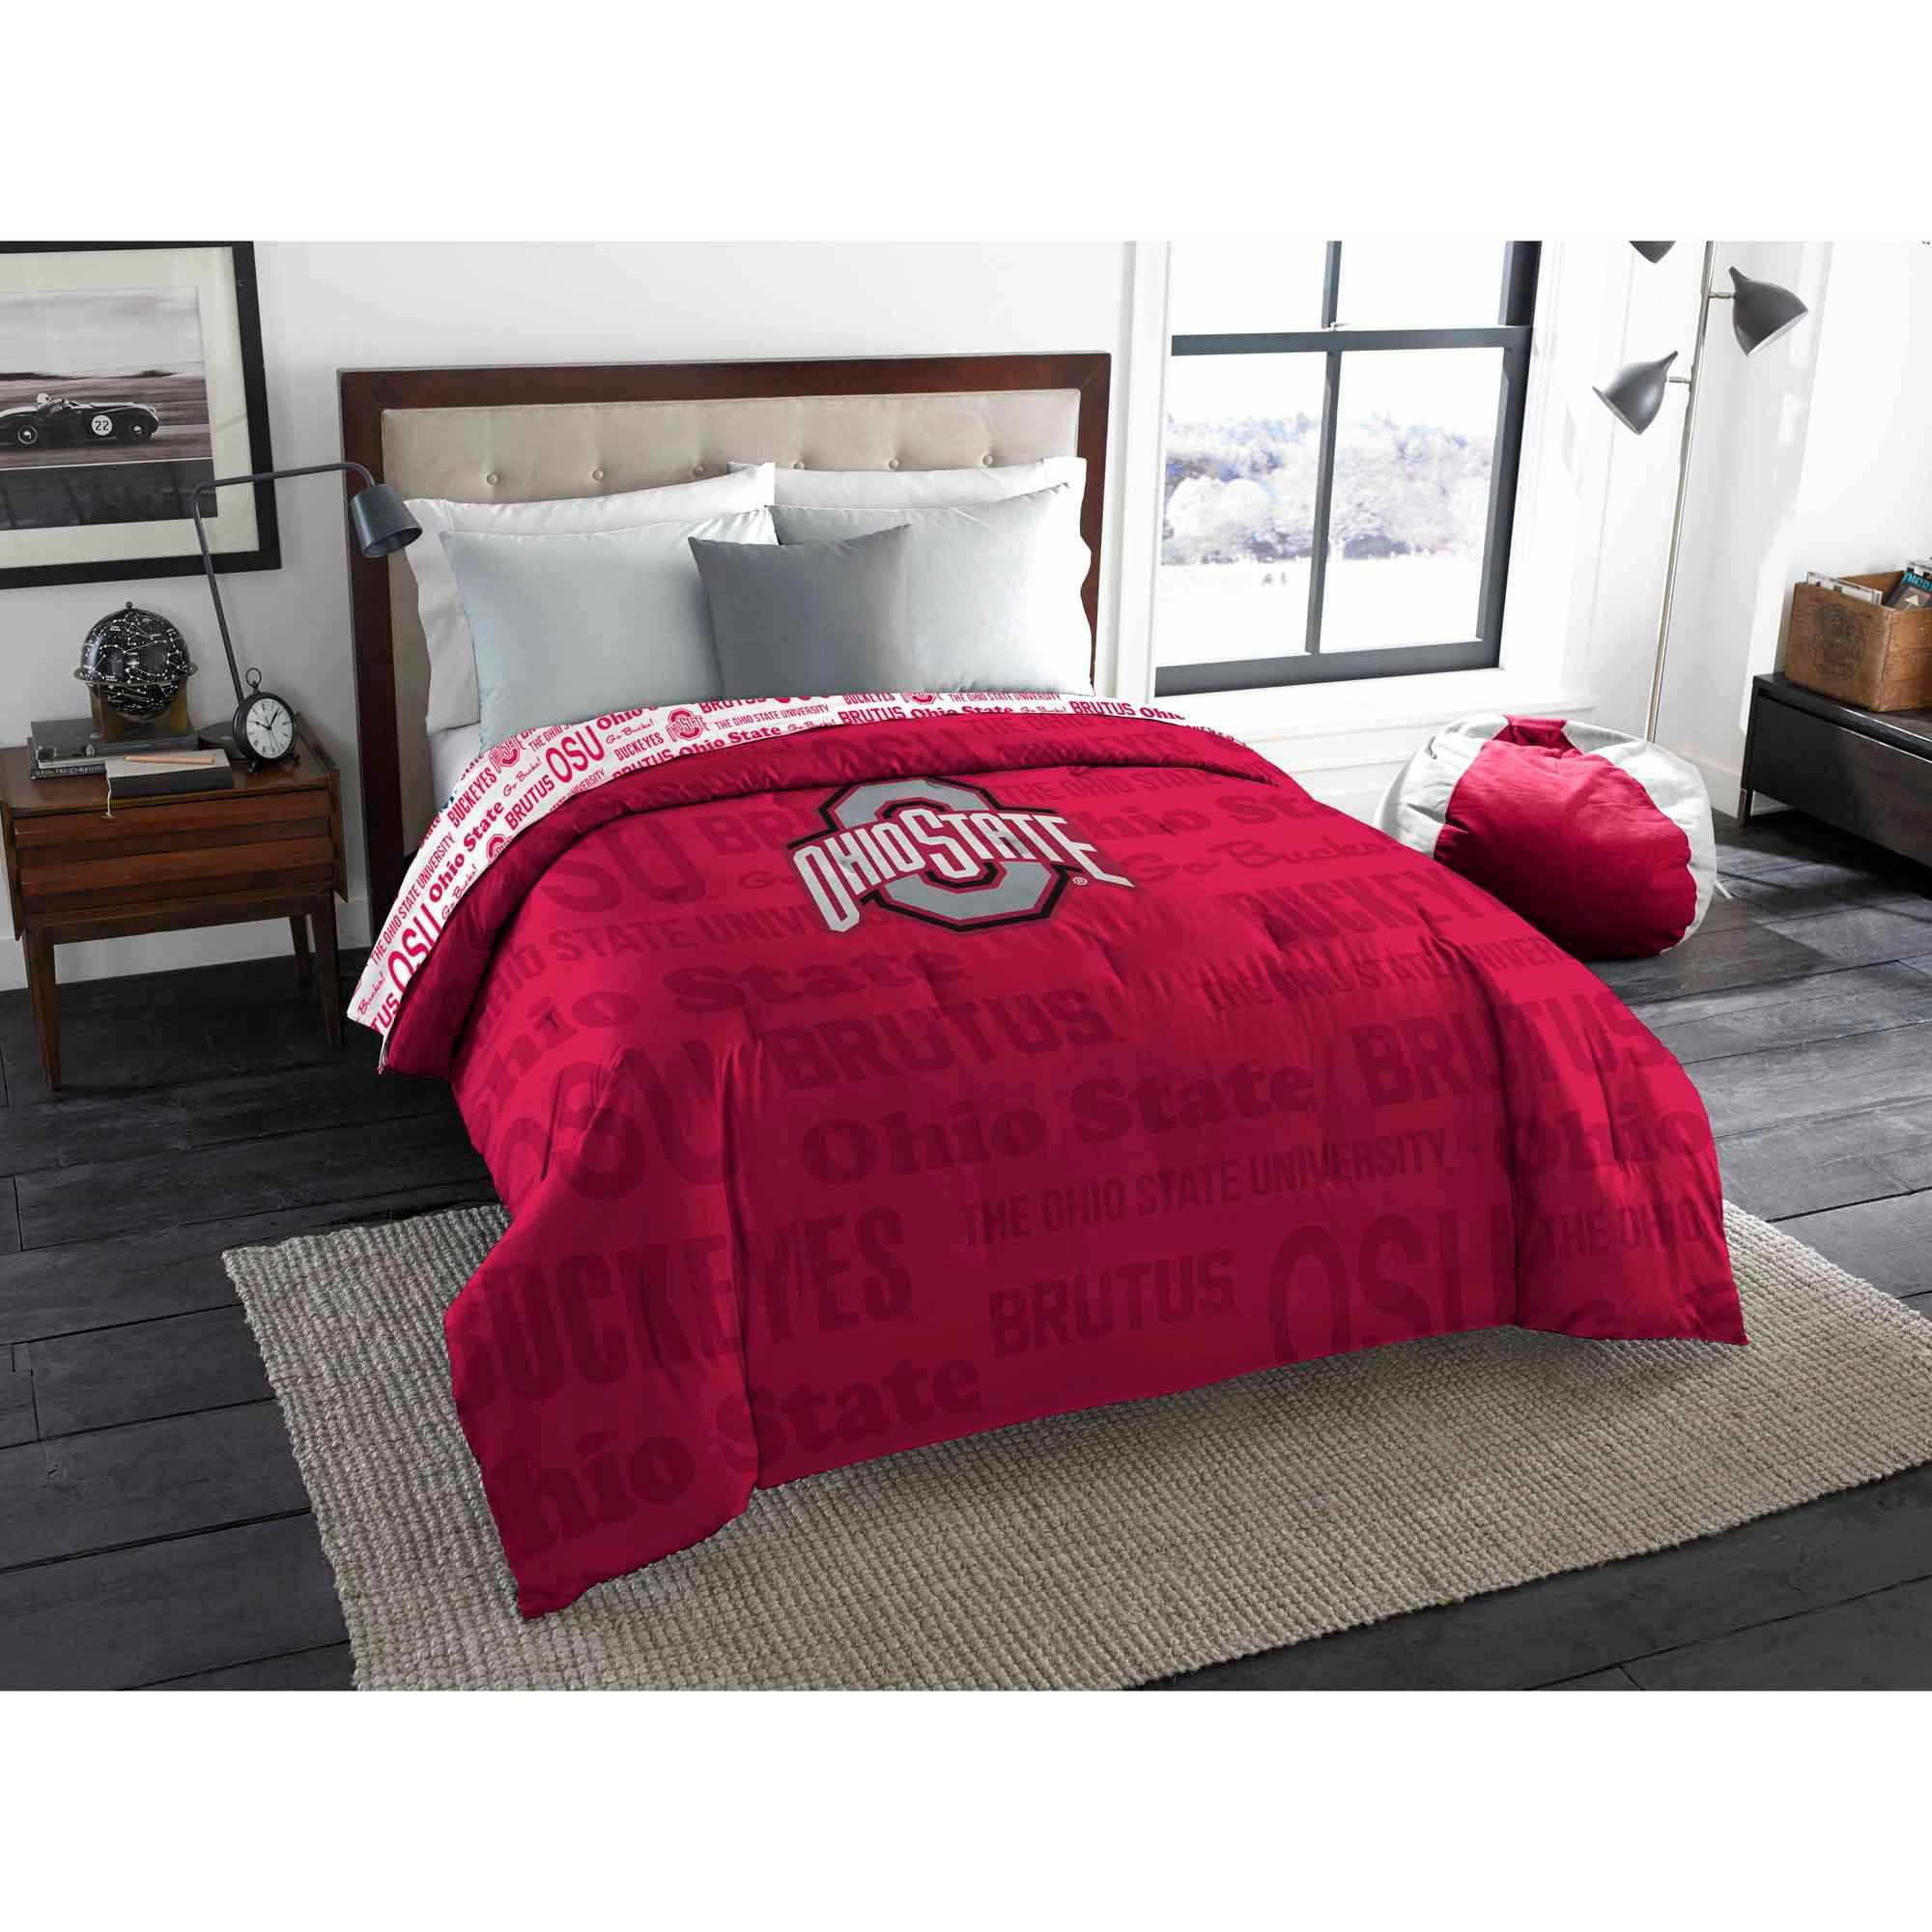 NCAA Ohio State Buckeyes TwinFull Bedding Comforter Walmartcom